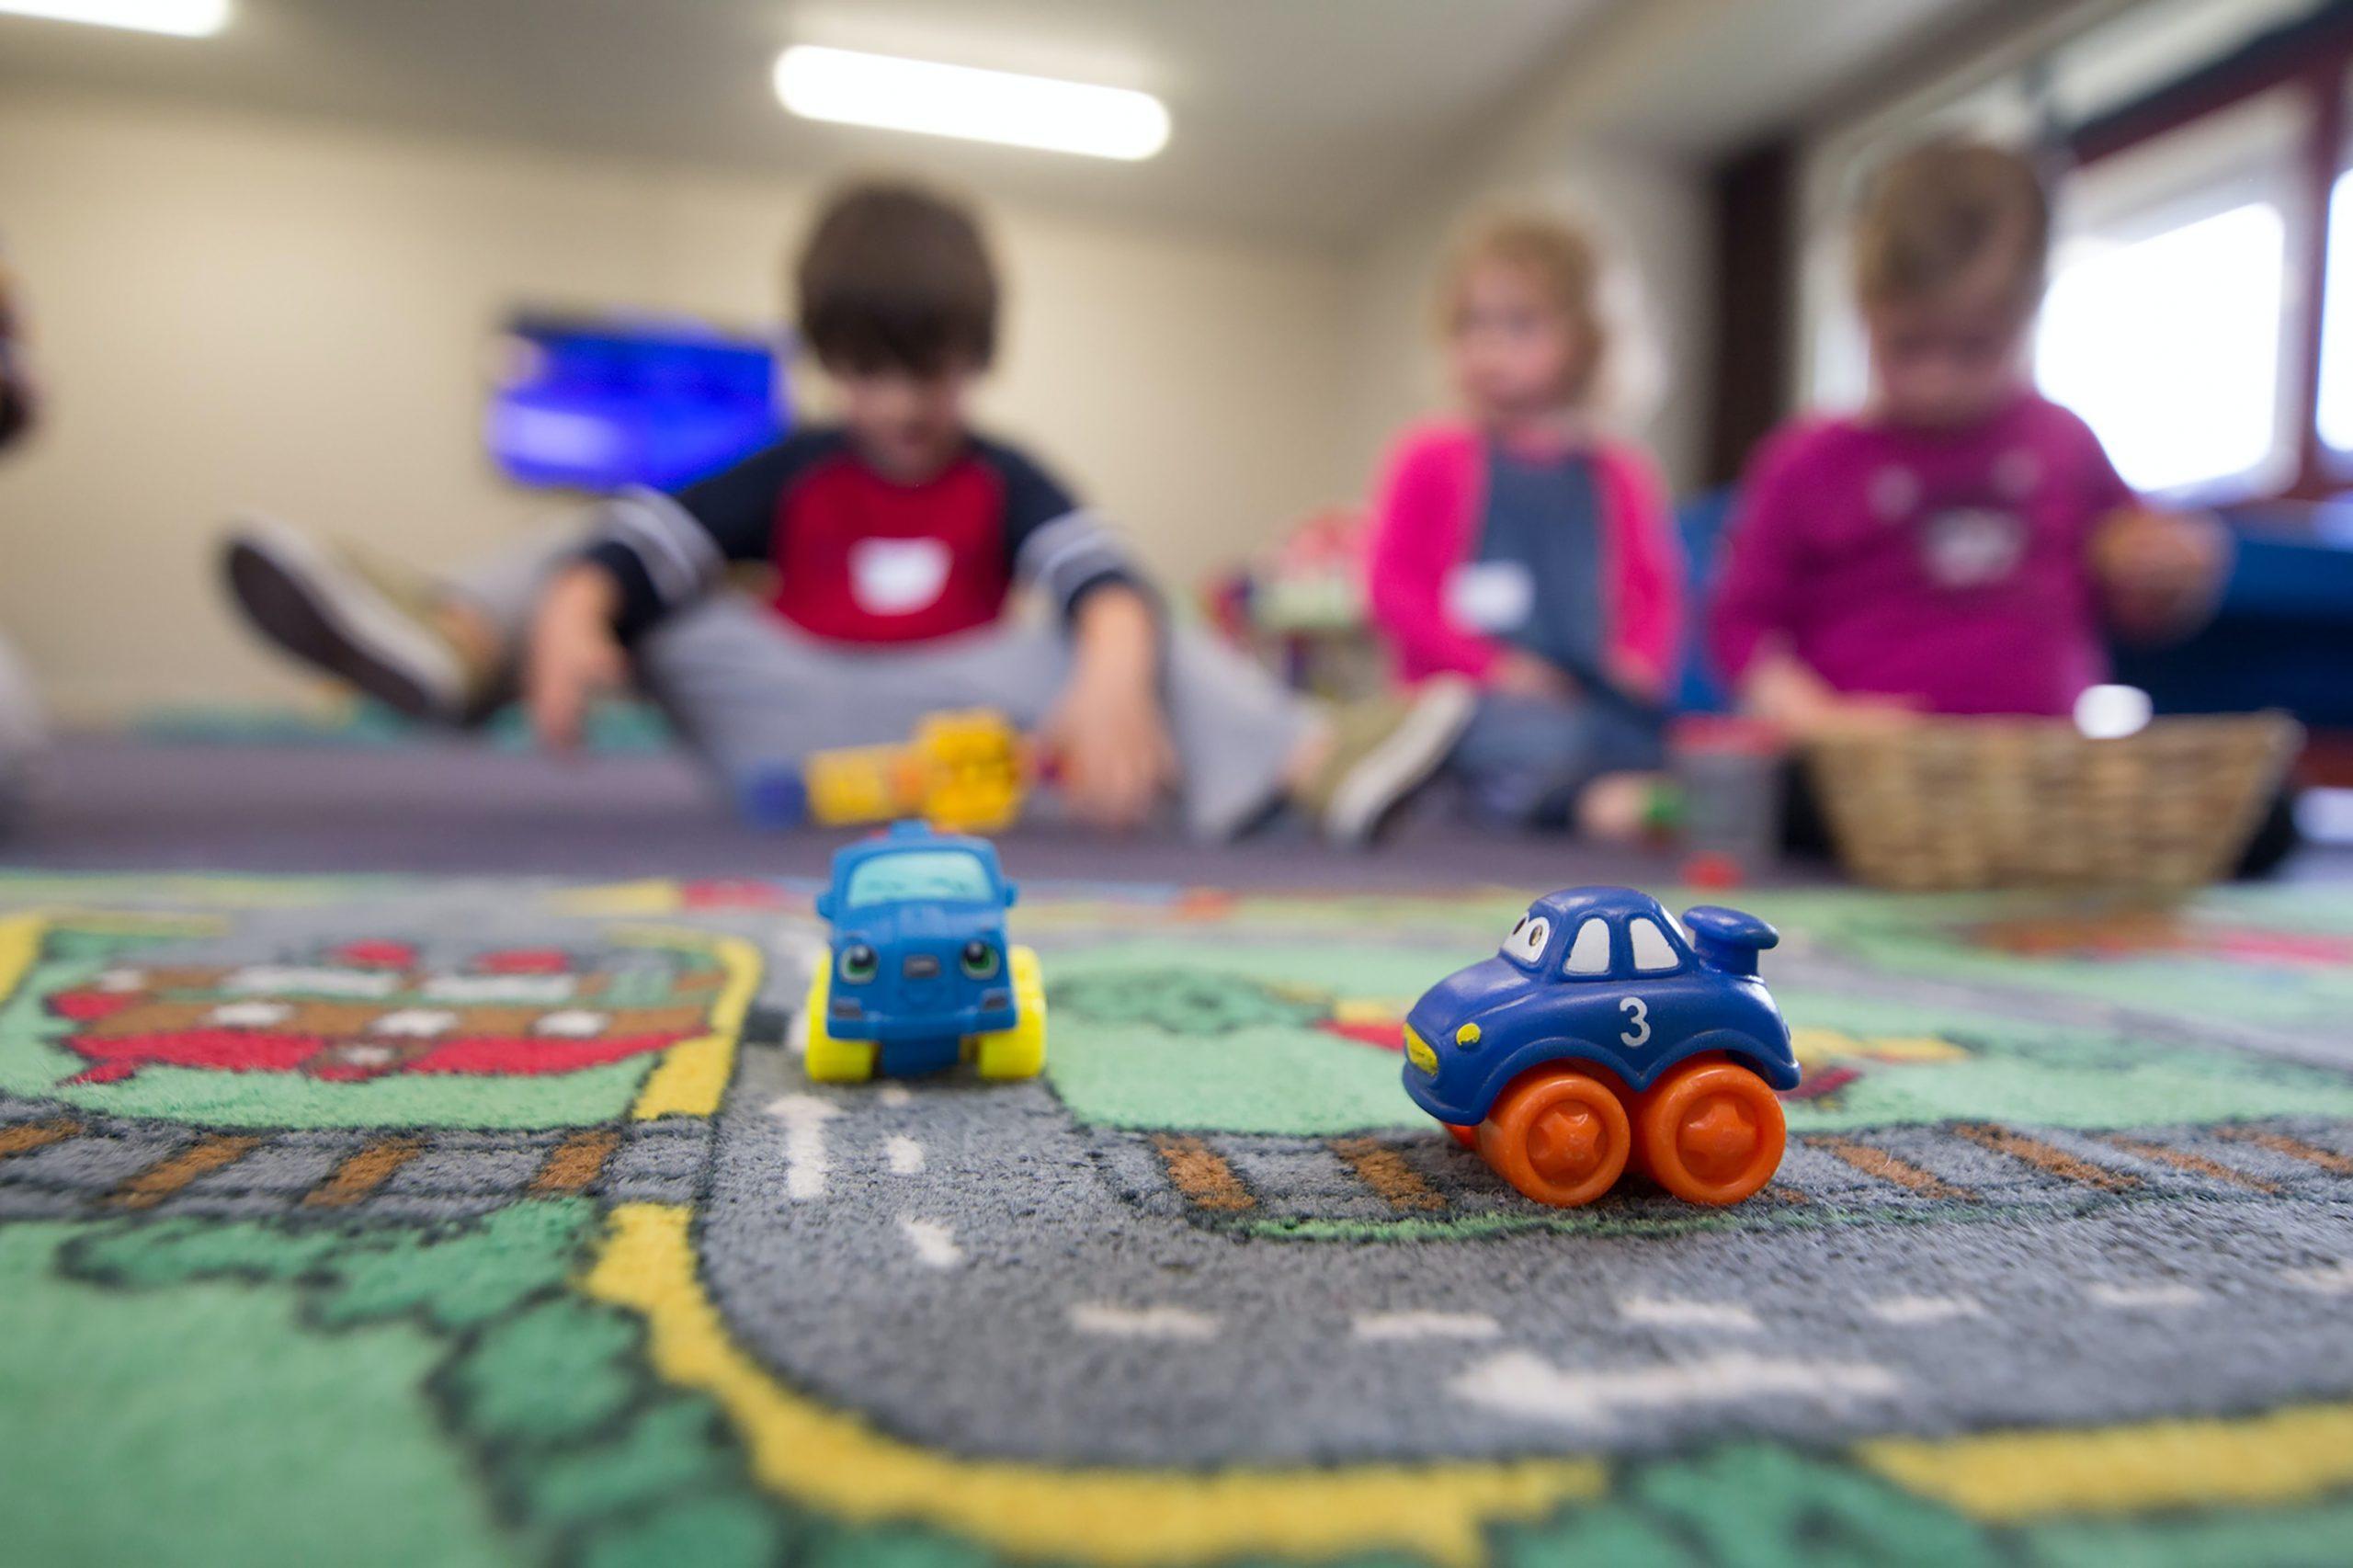 Două creșe noi pentru copiii din Sectorul 1. Prima clădire va avea o capacitate de 110 locuri | PROIECT